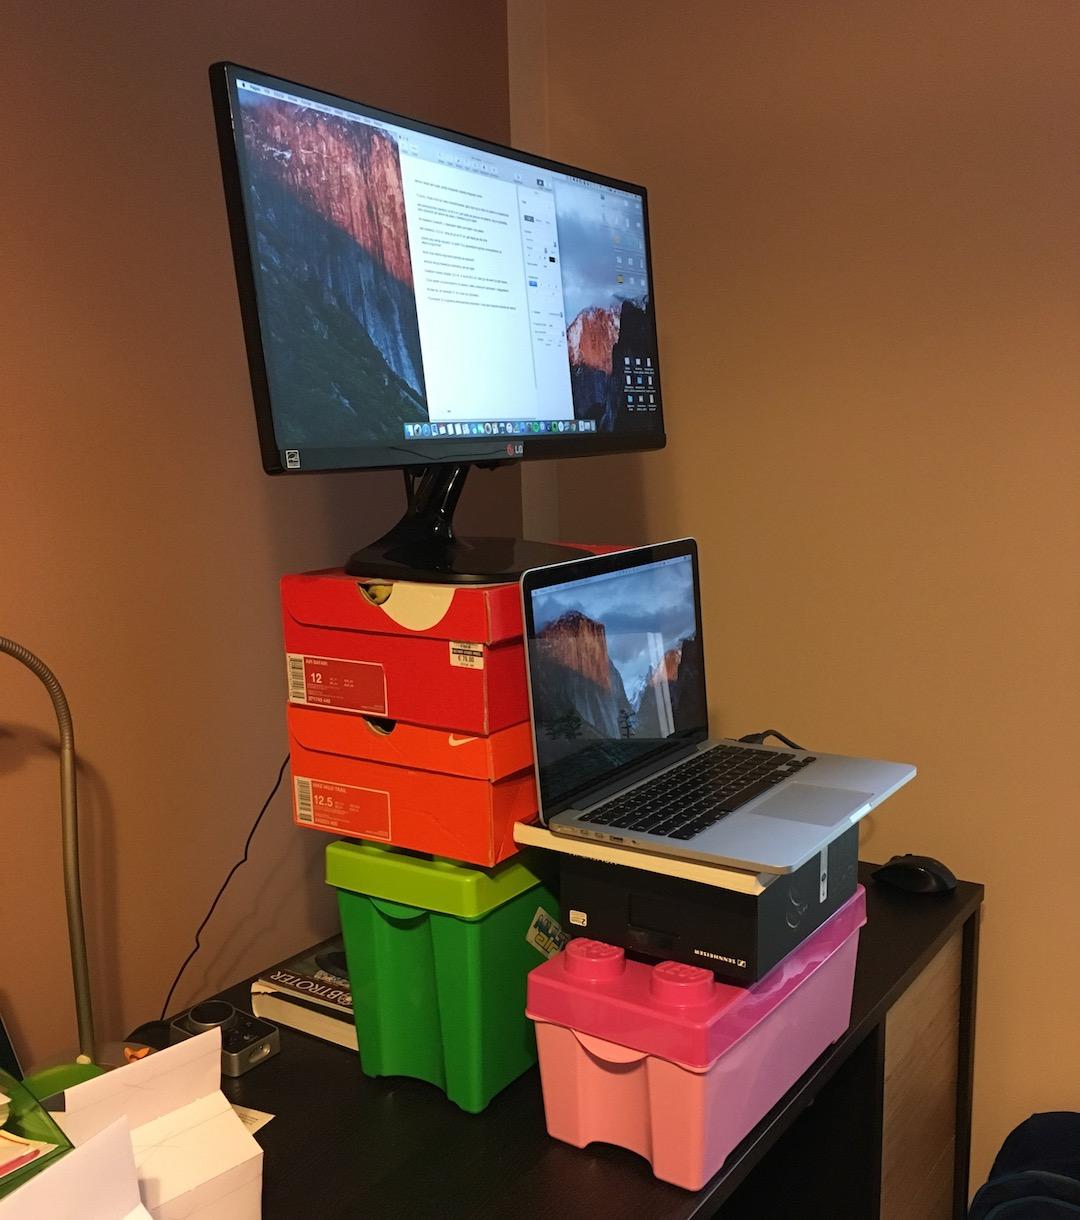 Cum să construiești singur o stație de lucru permanentă - standidesk